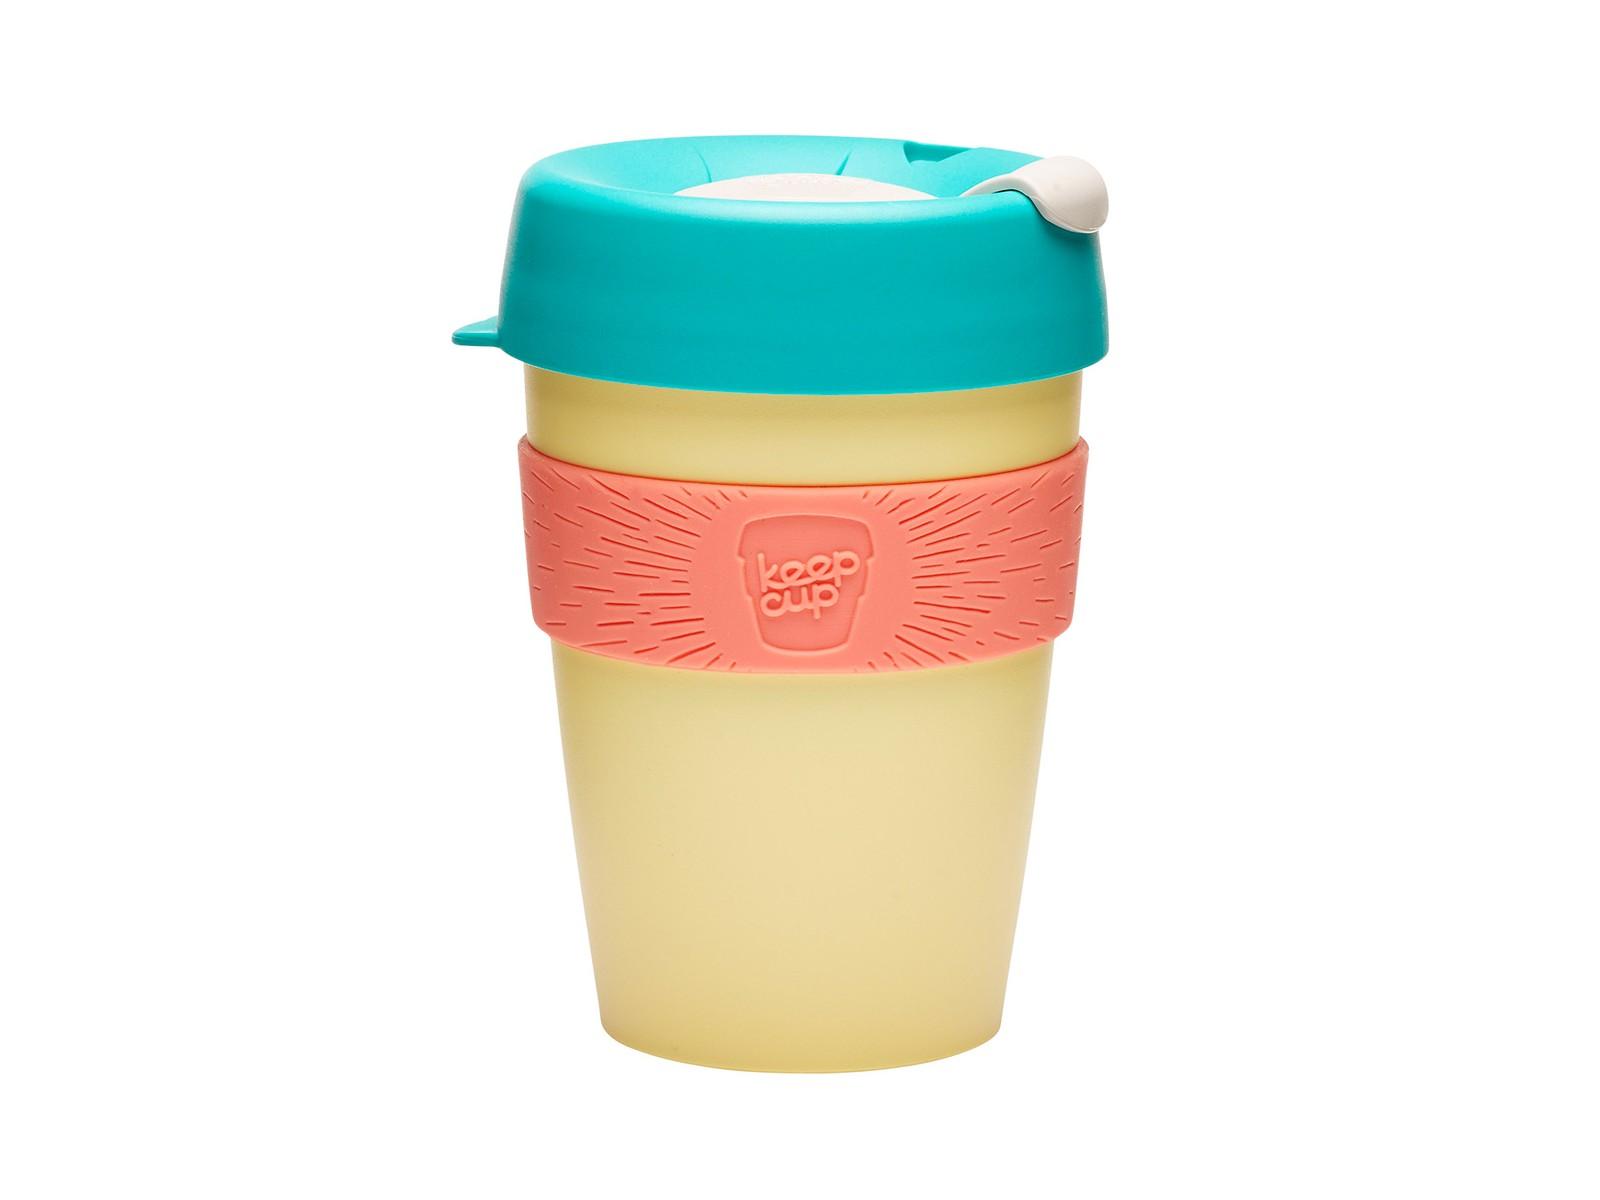 Кружка Keepcup custard appleЧайные пары, чашки и кружки<br>Кружка, созданная с мыслями о вас и о планете. Главная идея KeepCup – вдохновить любителей кофе отказаться от использования одноразовых бумажных и пластиковых стаканов, так как их производство и утилизация наносят вред окружающей среде. В год производится и выбрасывается около 500 миллиардов одноразовых стаканчиков, а ведь планета у нас всего одна! <br>Но главный плюс кружки  – привлекательный и яркий дизайн, который станет отражением вашего личного стиля. Берите ее в кафе или наливайте кофе, чай, сок дома, чтобы взять с собой - пить вкусные напитки на ходу, на работе или на пикнике. Специальная крышка с открывающимся и закрывающимся клапаном спасет от брызг, силиконовый ободок поможет не обжечься (плюс, удобно держать кружку в руках), а плотная крышка и толстые стенки сохранят напиток теплым в течение 20~30 минут. <br>Кружка сделана из нетоксичного пластика без содержания вредного бисфенола (BPA-free). Можно использовать в микроволновке и мыть в посудомоечной машине.&amp;lt;div&amp;gt;&amp;lt;br&amp;gt;&amp;lt;/div&amp;gt;&amp;lt;div&amp;gt;Объем: 340 мл.&amp;lt;br&amp;gt;&amp;lt;/div&amp;gt;<br><br>Material: Пластик<br>Height см: 13<br>Diameter см: 8,8